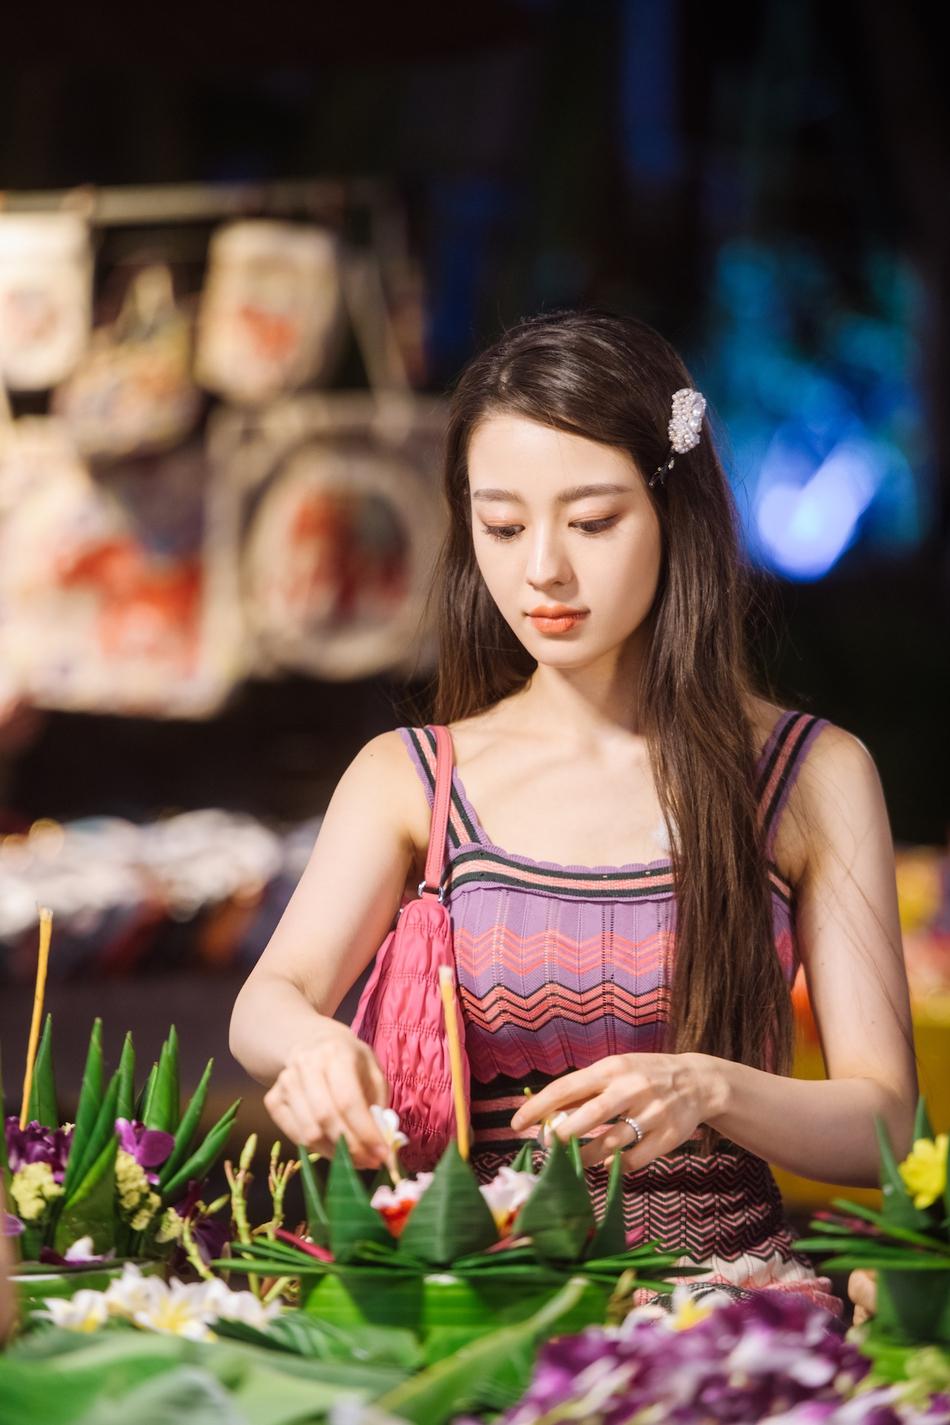 吉娜穿彩虹针织裙尽展曲线美 及腰长发搭珍珠发卡笑容甜美